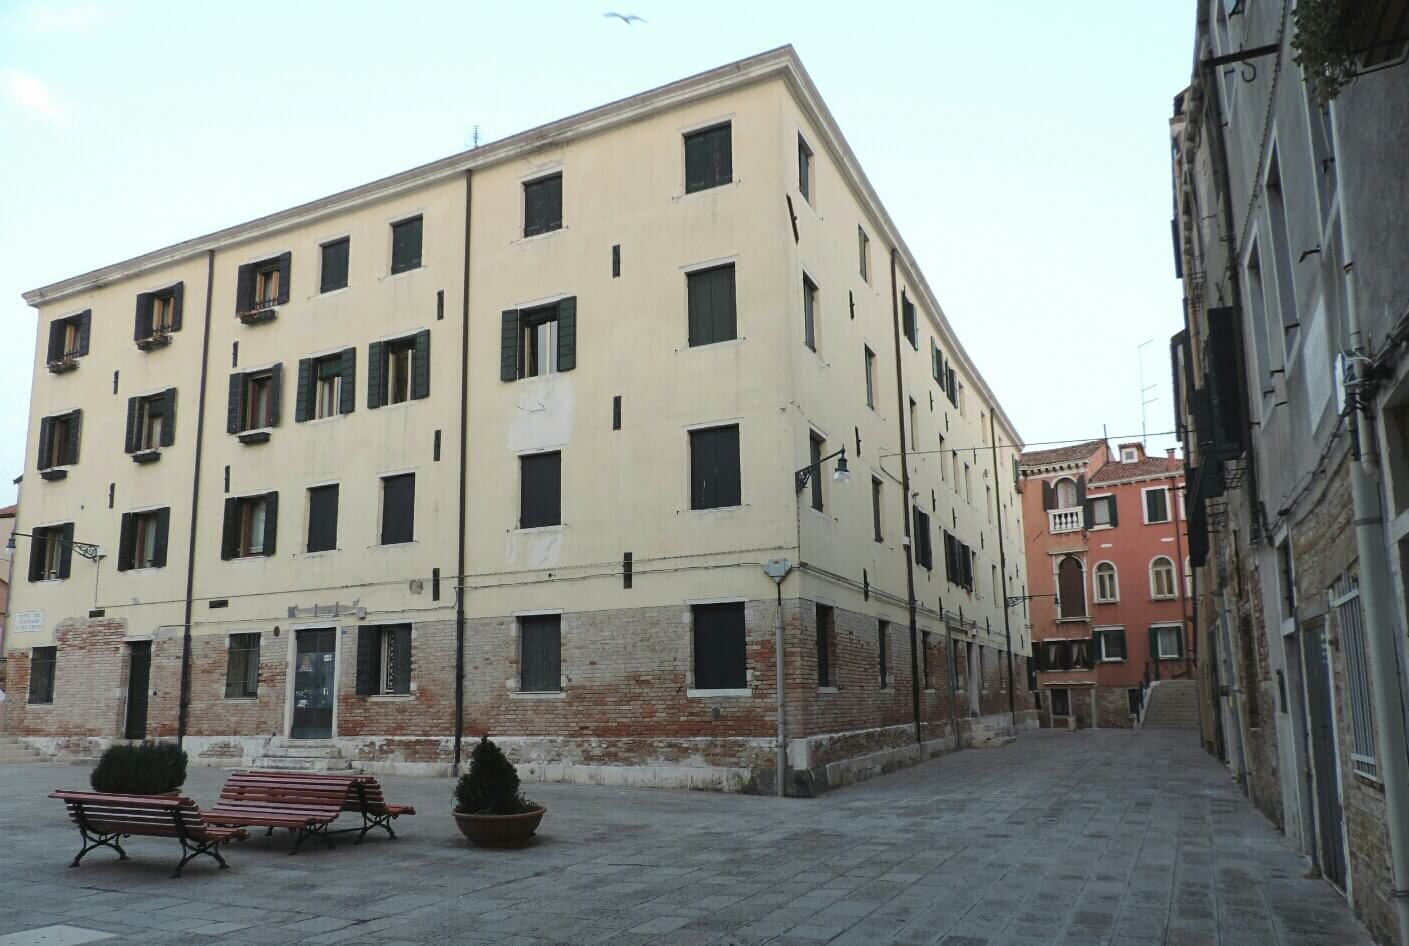 Dove dormire a venezia con i bambini appartamento casa for Dormire a amsterdam consigli